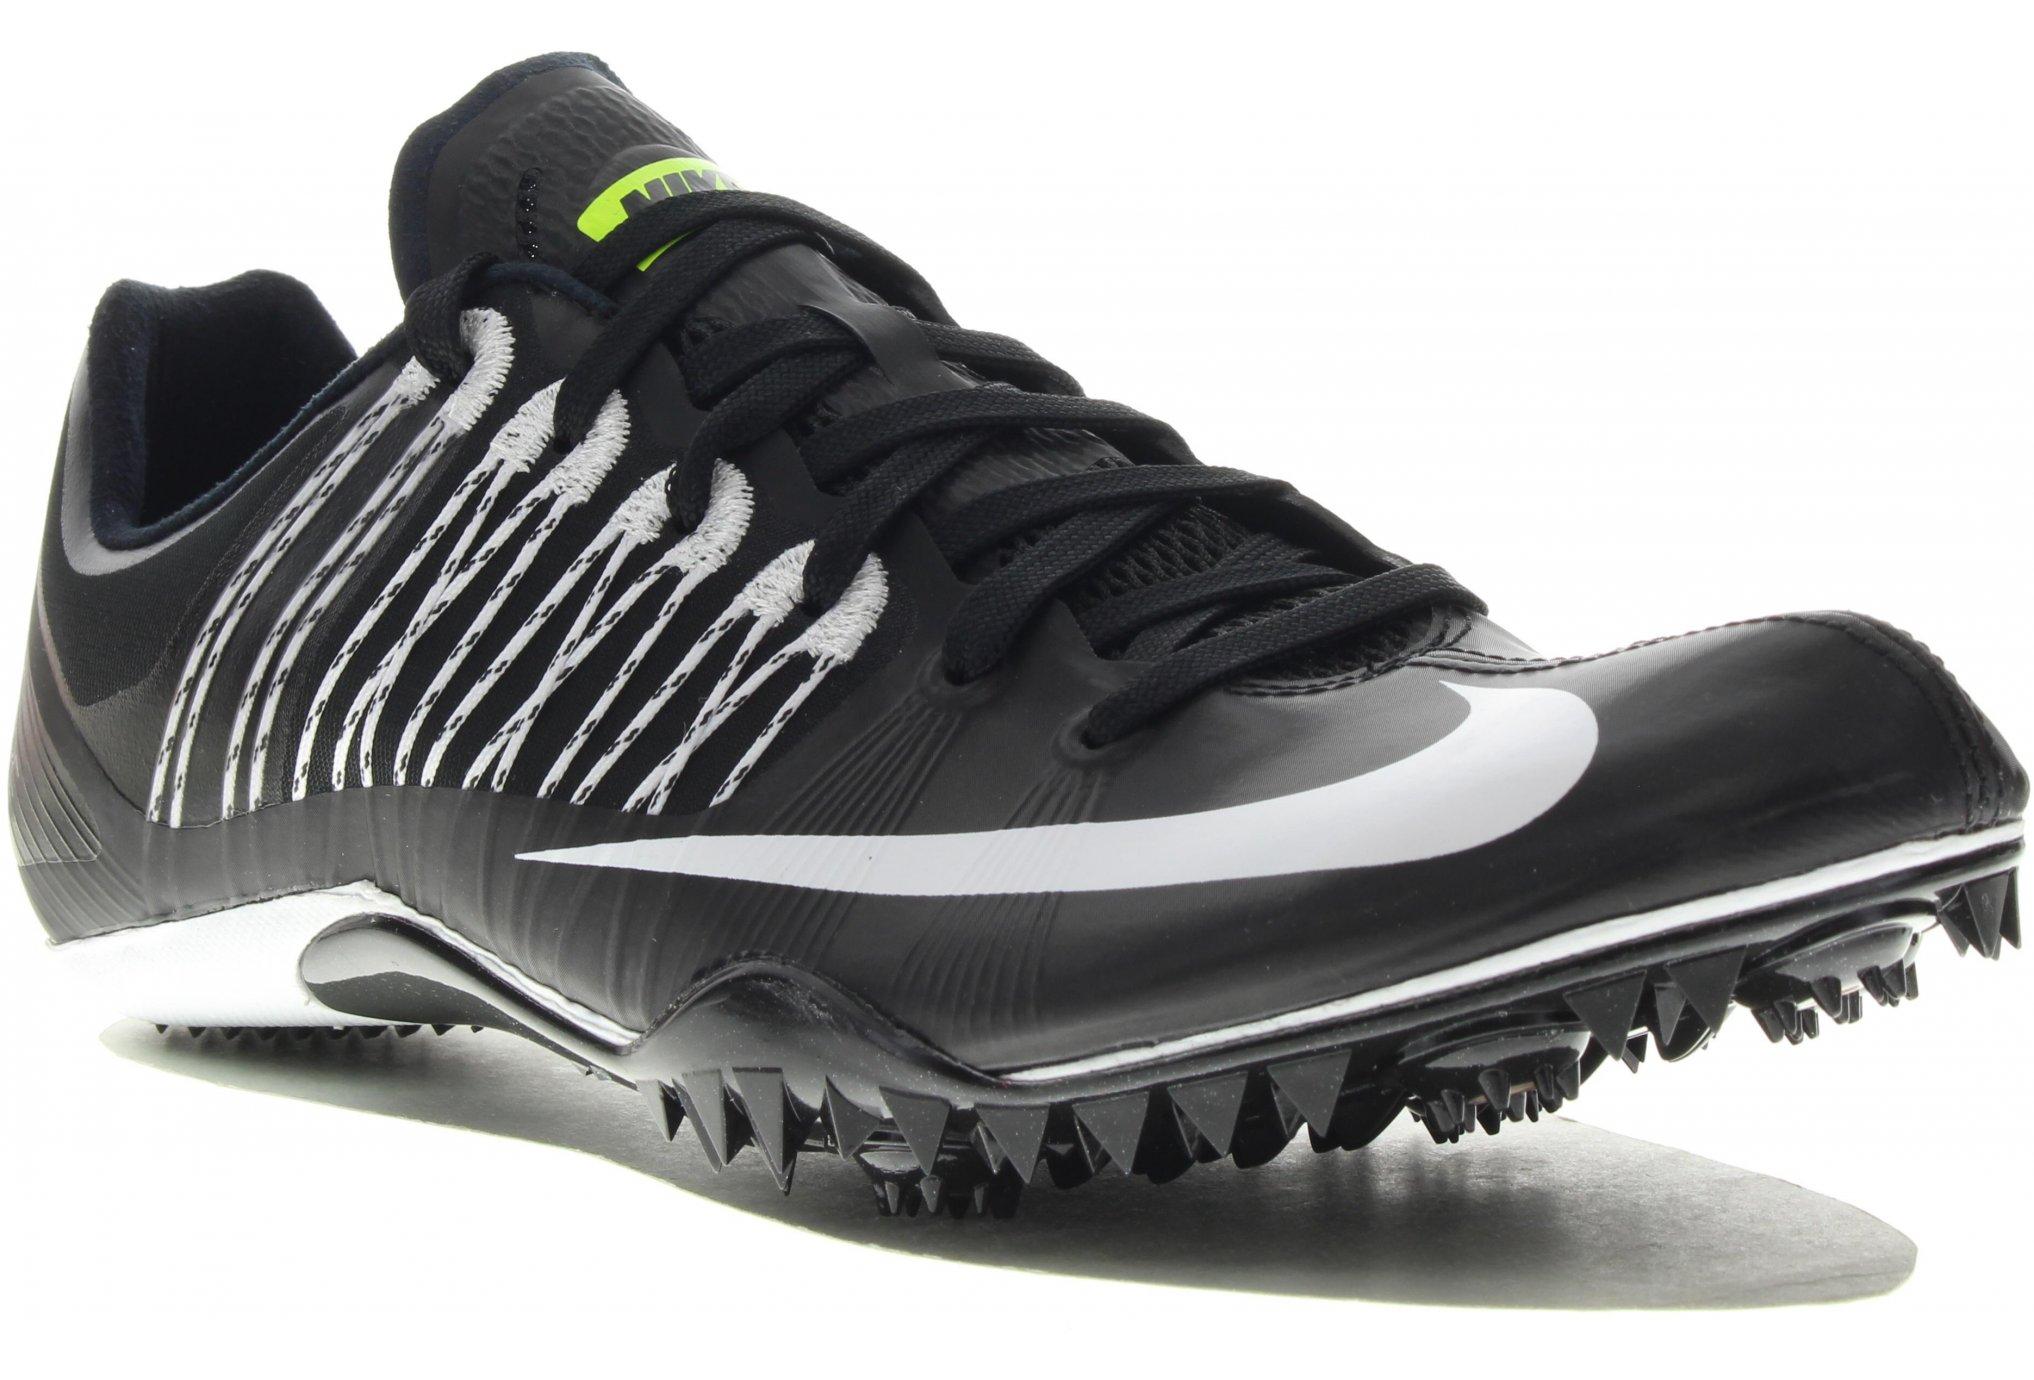 Nike Zoom Celar 5 M Diététique Chaussures homme